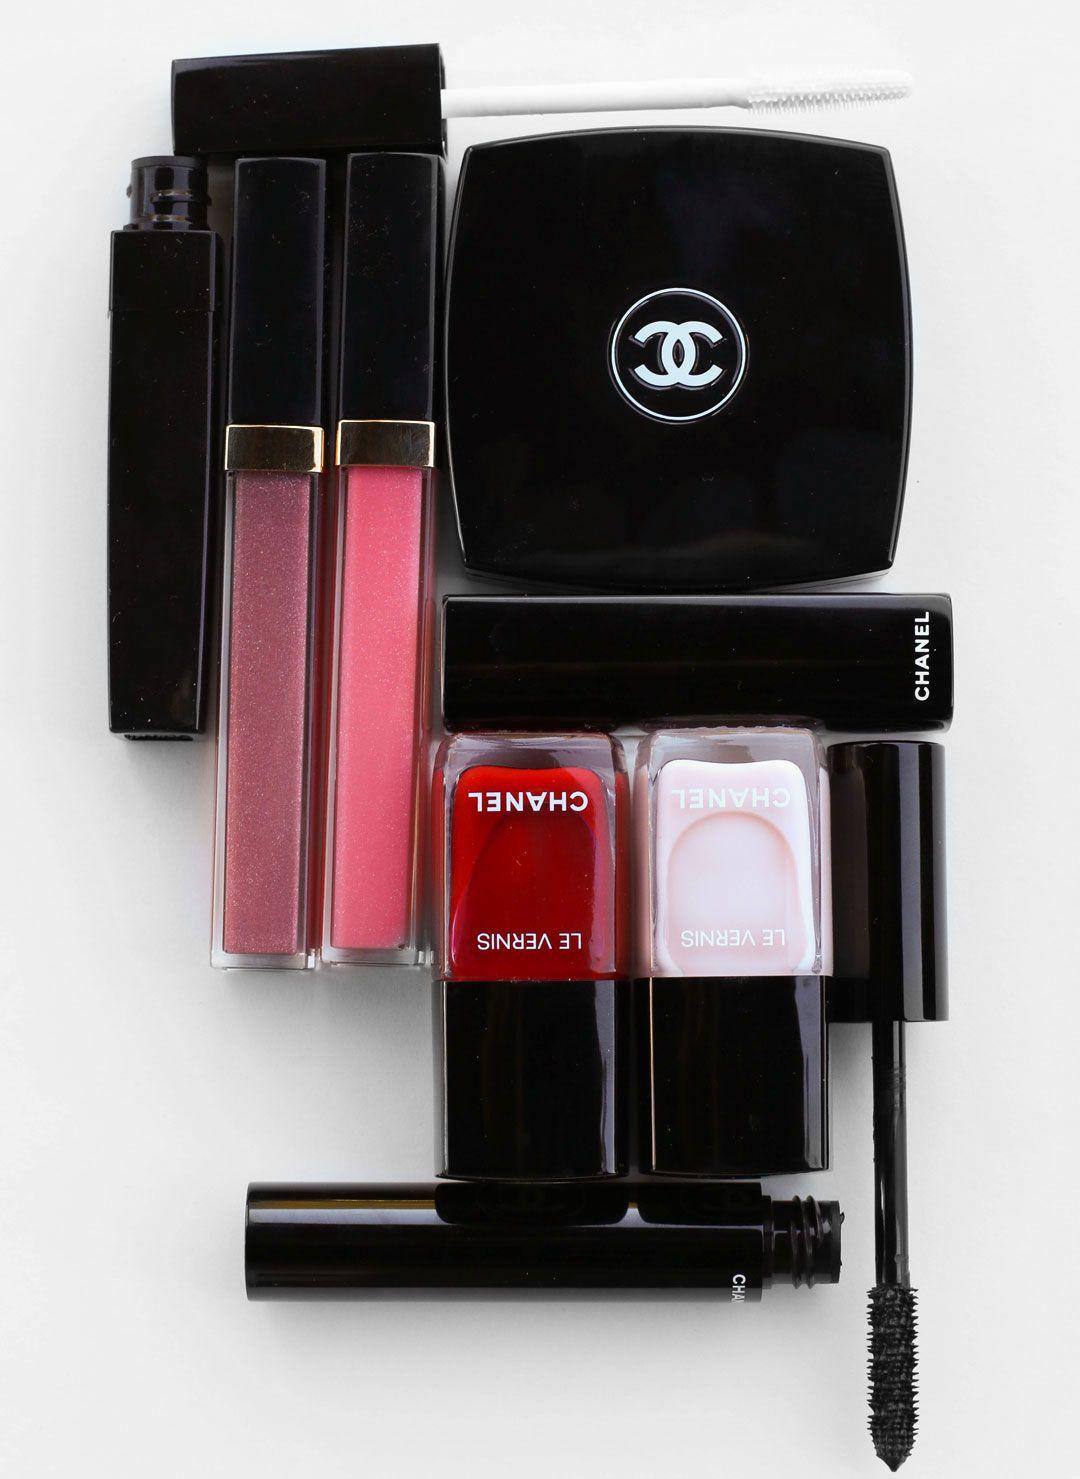 Oooh La La Chanel Beauty Review Chanel beauty, Beauty